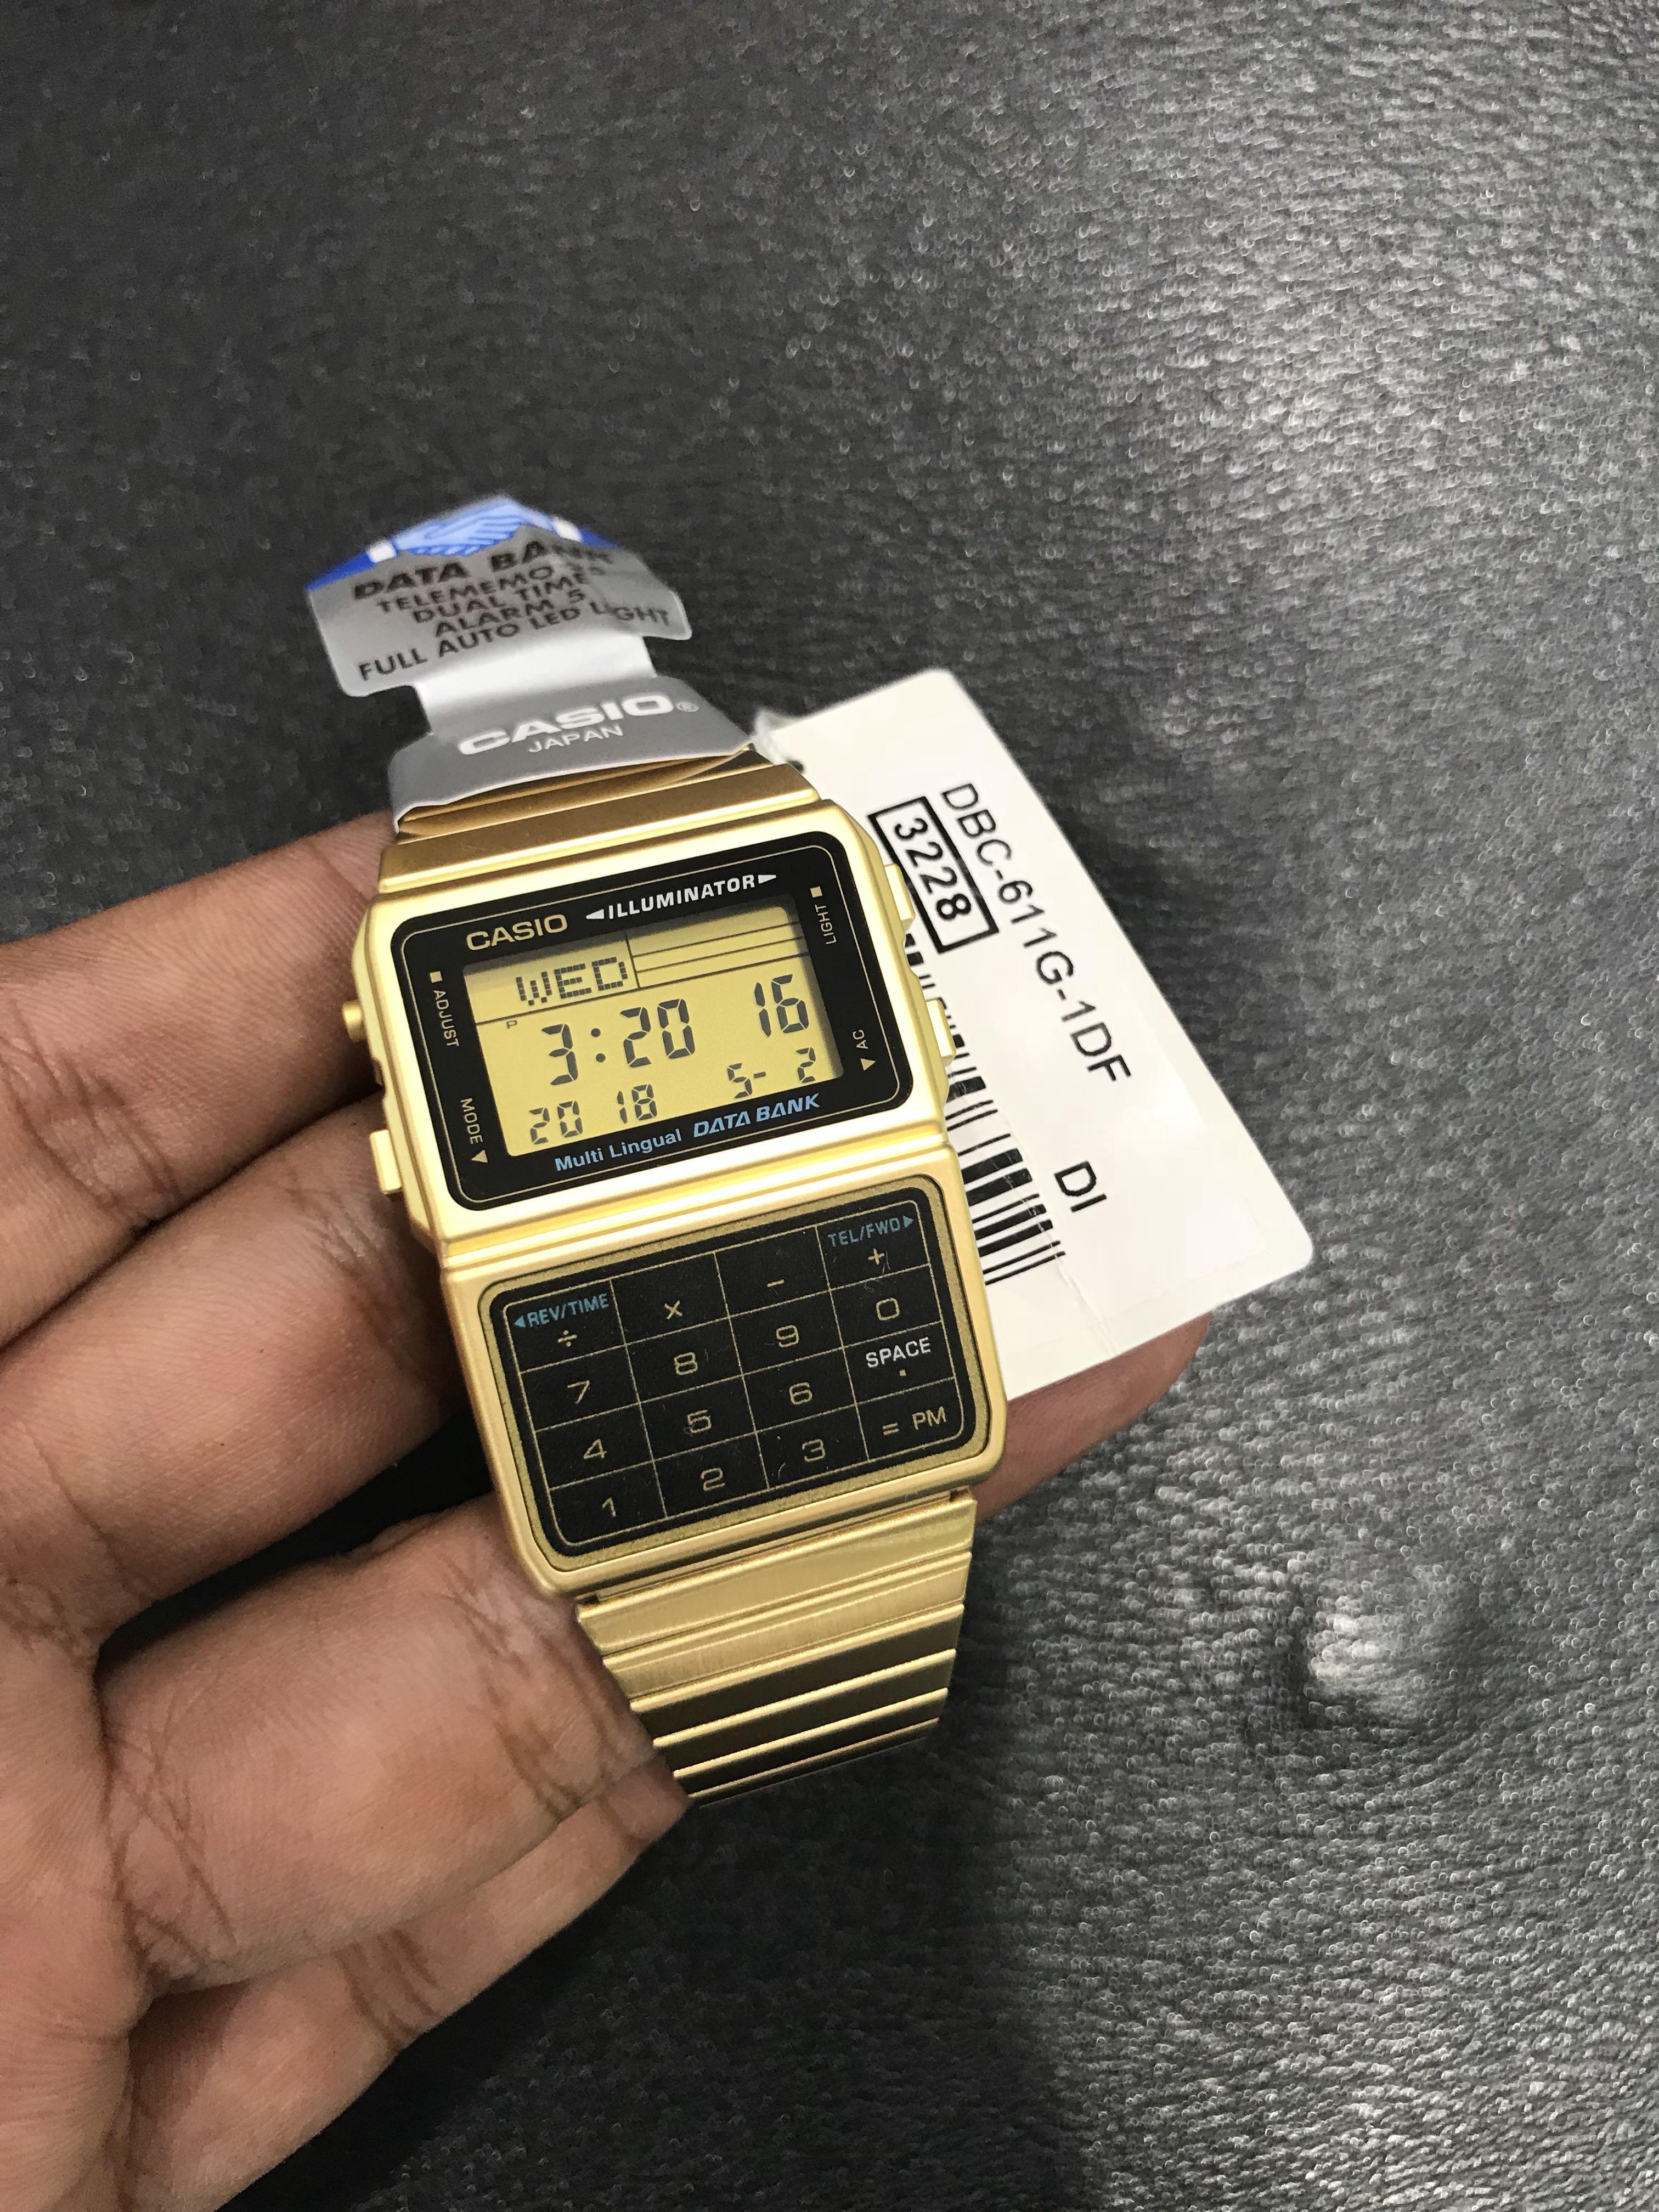 Casio G Shock Dw9052v 1 Mens Watch Black 24 Hr Stopwatch 200 Meter Source DBC611G Casio